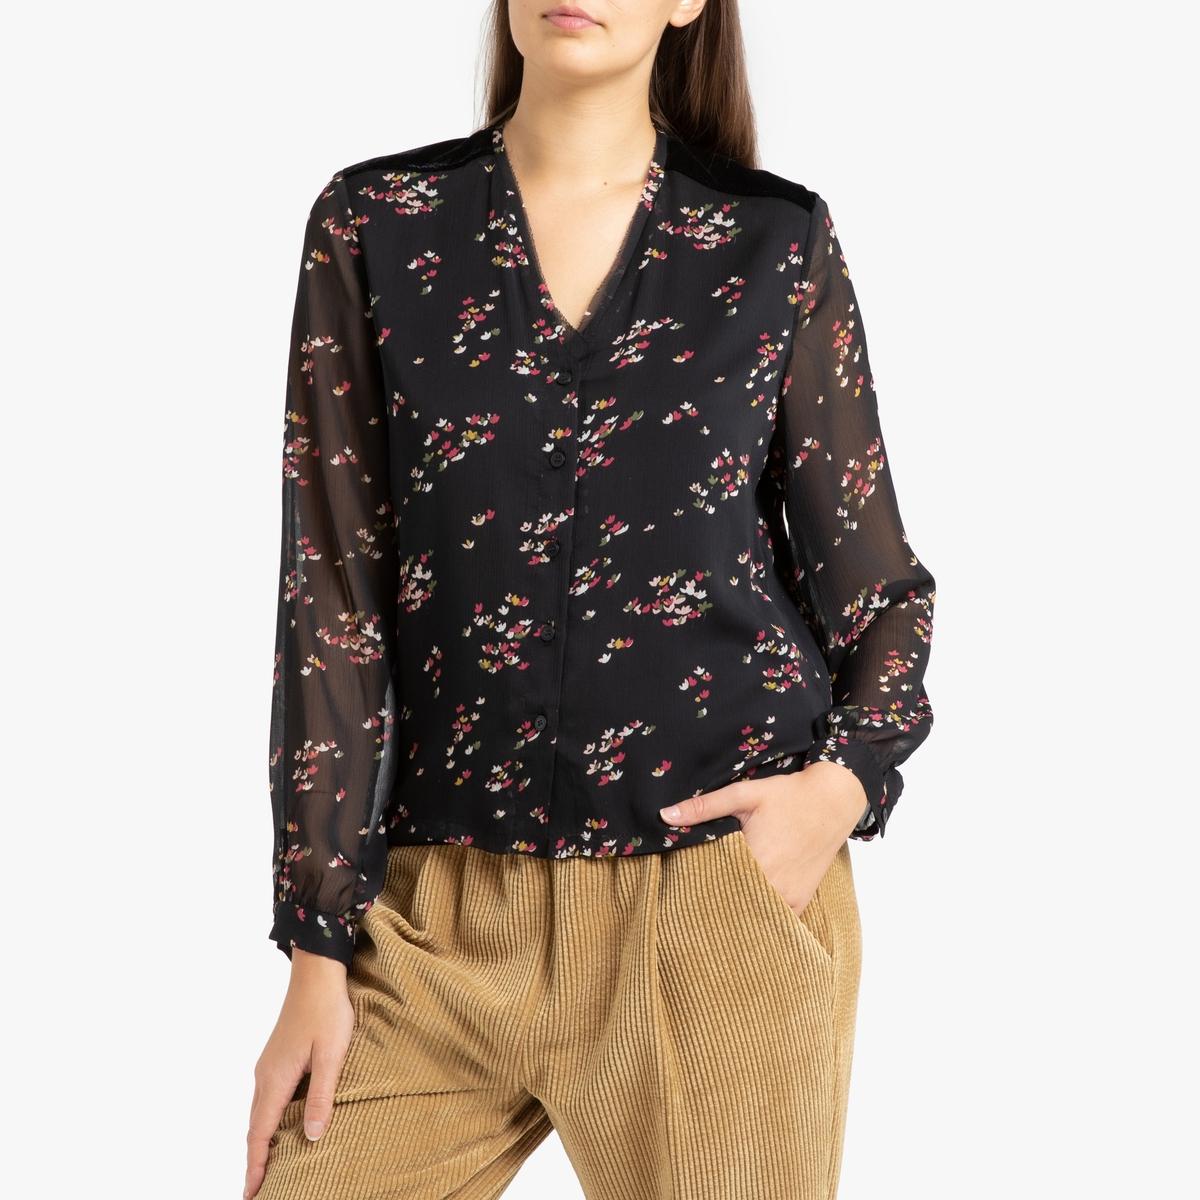 Блузка La Redoute С V-образным вырезом и длинными рукавами CLEM S черный блузка la redoute с круглым вырезом цветочным рисунком и длинными рукавами s черный